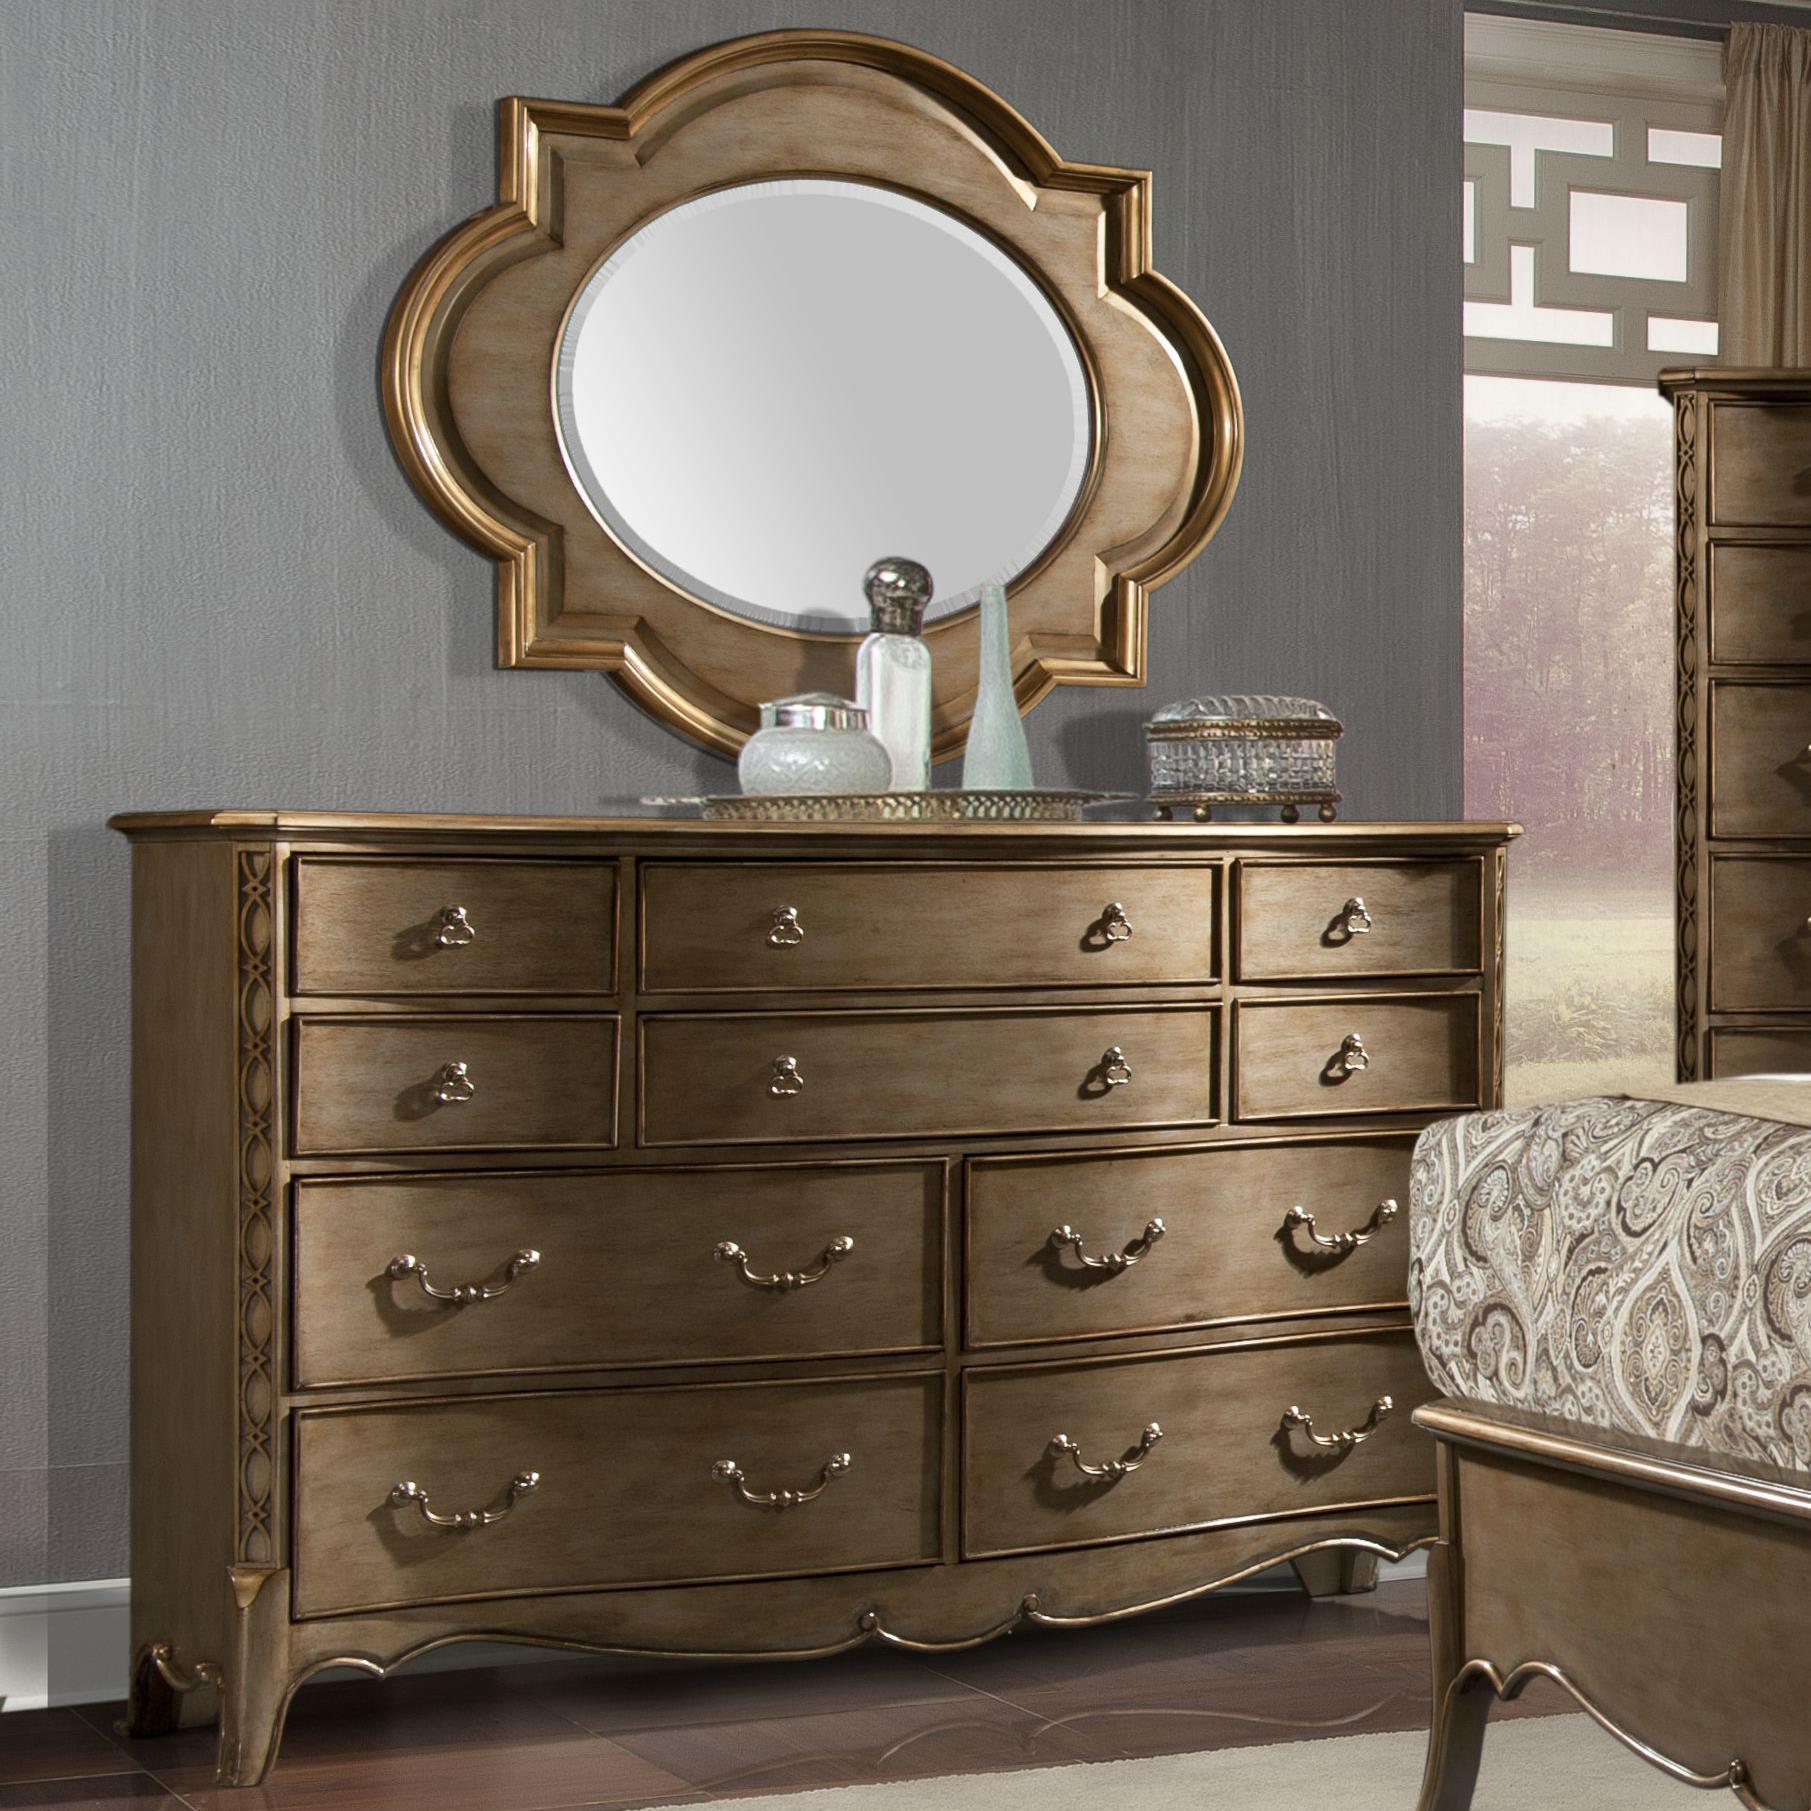 Homelegance Chambord Dresser and Mirror Set - Item Number: 1828-5+6